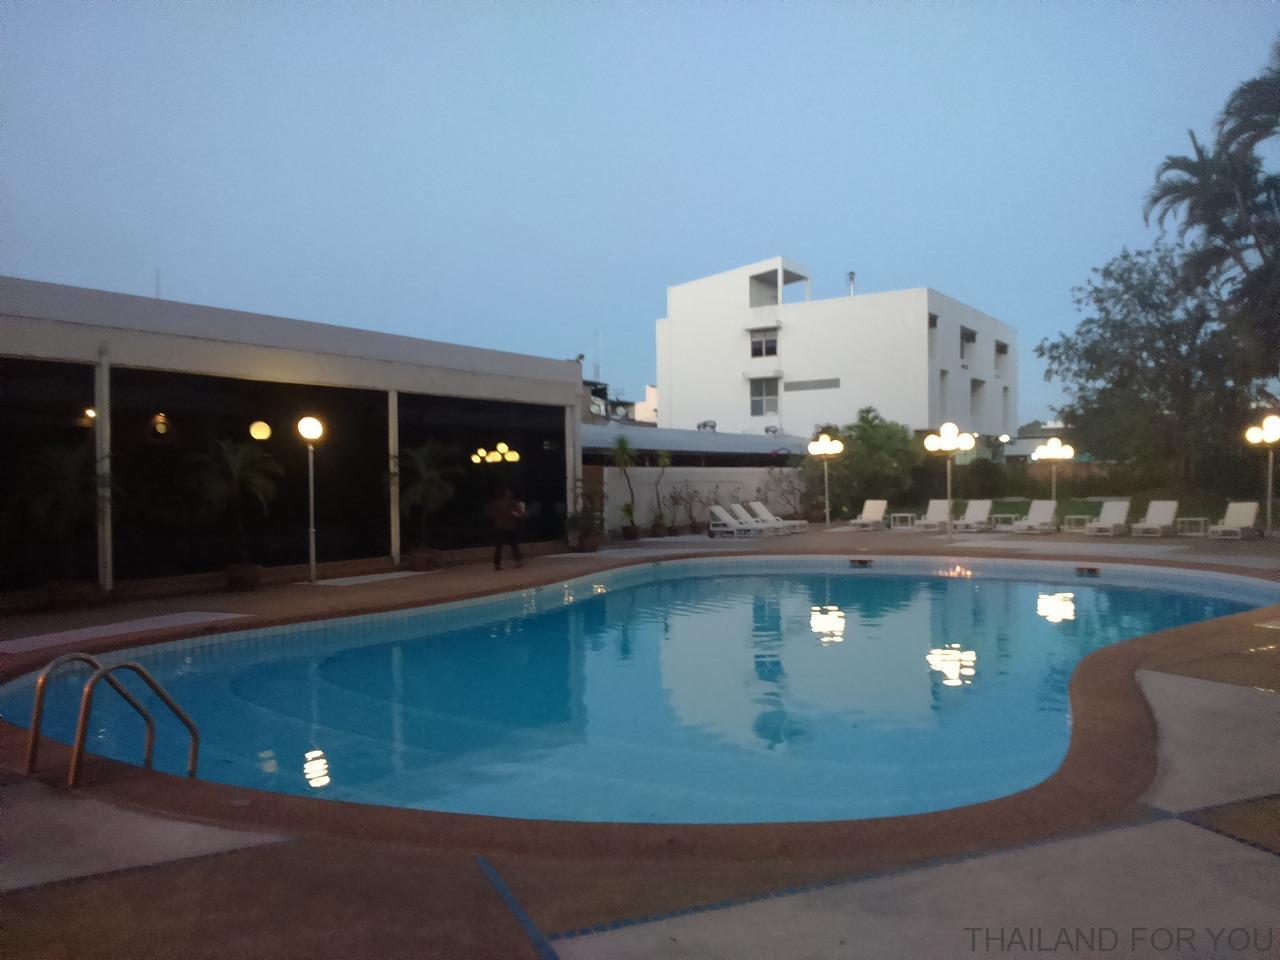 ワィアン イン ホテル (Wiang Inn Hotel) プール 写真